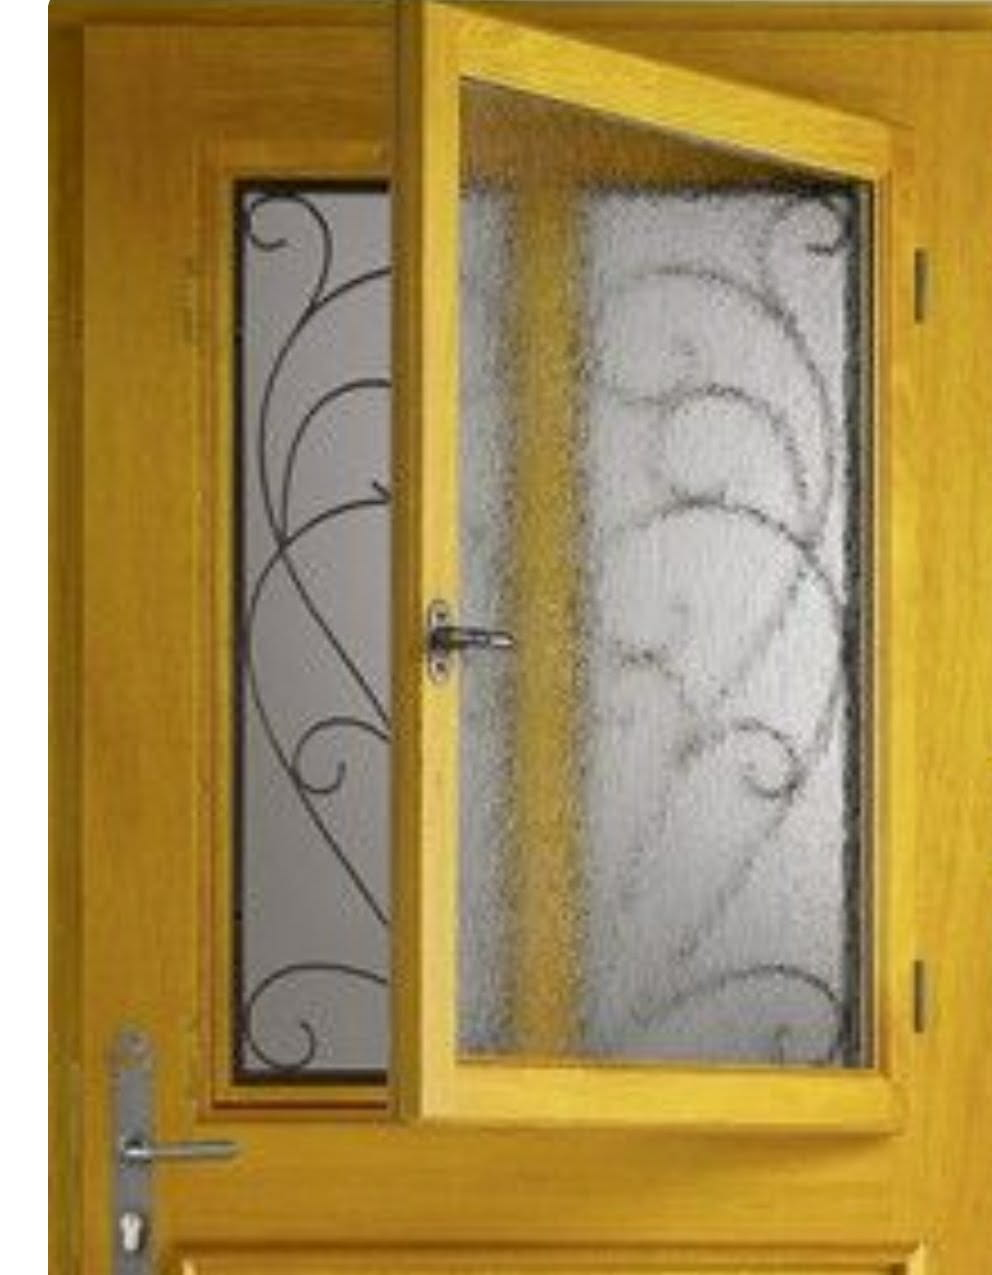 Porte De Chambre Avec Vitre changer vitre porte d entree - forum idées déco, aménagement